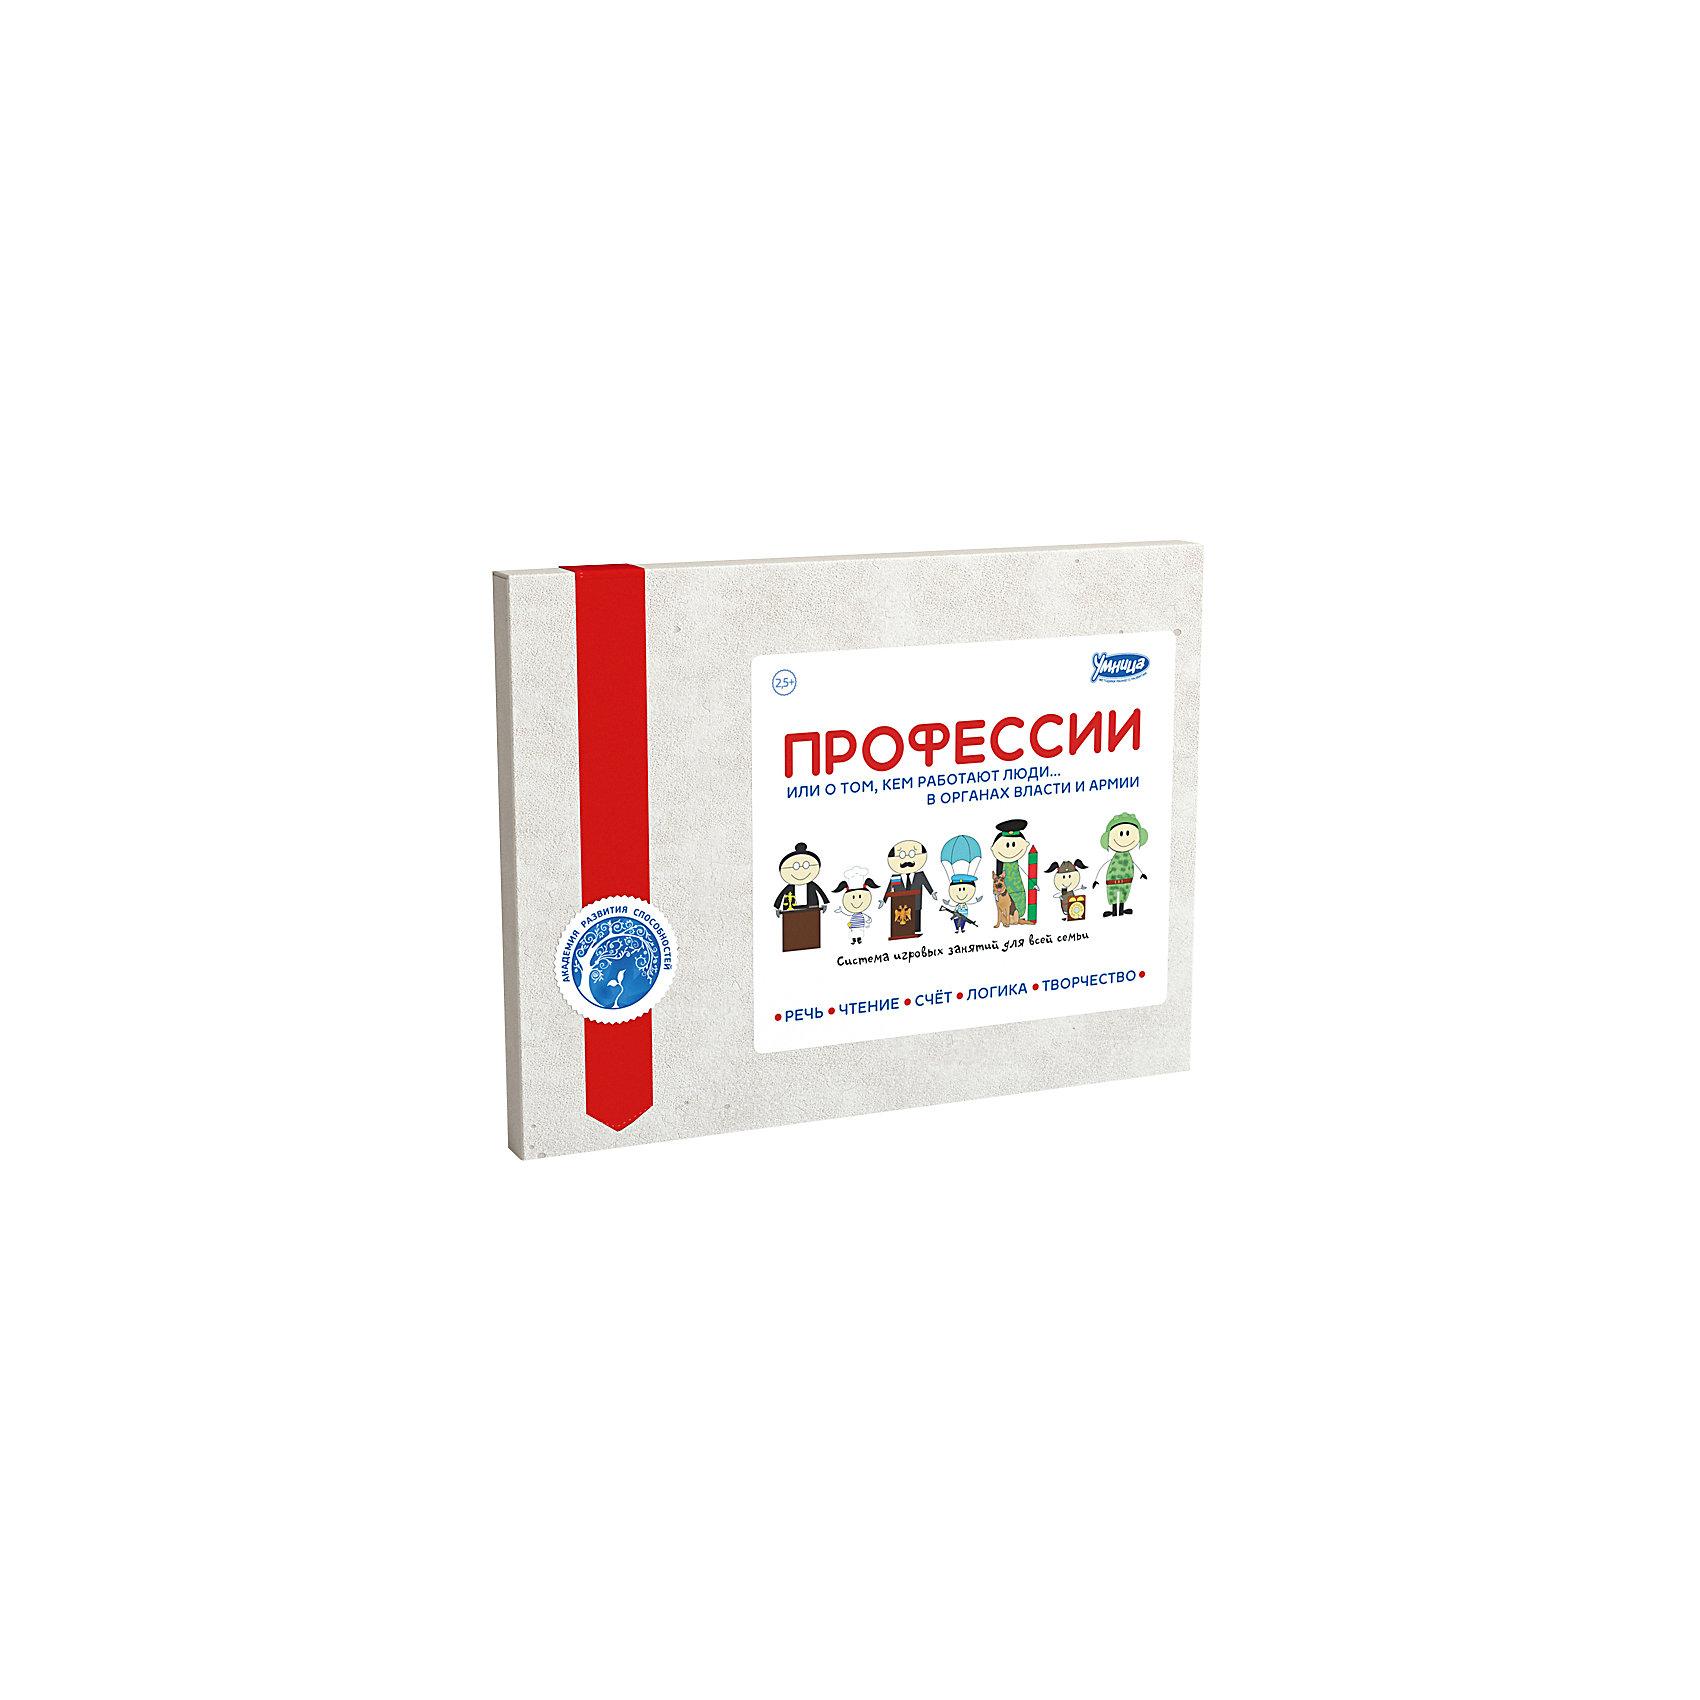 Настольная игра Профессии: Власть и армияМетодики раннего развития<br>Характеристики:<br><br>• Вид игр: обучающие, развивающие<br>• Серия: Развивающие книги<br>• Материал: картон, бумага<br>• Комплектация: 3 книги о профессиях, набор карточек с буквами и цифрами, комплект игровых фишек<br>• Тип упаковки: картонная коробка с ручкой<br>• Размеры упаковки (Д*Ш*В): 30,5*23,5*28 см<br>• Вес в упаковке: 1 кг 240 г<br><br>Книга Профессии: Власть и армия состоит из 3 книжек, в которых приведено описание рода занятий людей, занятых в армии и органах власти. Каждая профессия сопровождается иллюстративным материалом и текстами. Текстовая часть приведена в сжатой форме и адаптирована для детей дошкольного возраста. Дополнительно в комплекте предусмотрены рекомендации для родителей.<br><br>Книга Профессии: Власть и армия можно купить в нашем интернет-магазине.<br><br>Ширина мм: 305<br>Глубина мм: 235<br>Высота мм: 280<br>Вес г: 1240<br>Возраст от месяцев: 36<br>Возраст до месяцев: 2147483647<br>Пол: Унисекс<br>Возраст: Детский<br>SKU: 5523173